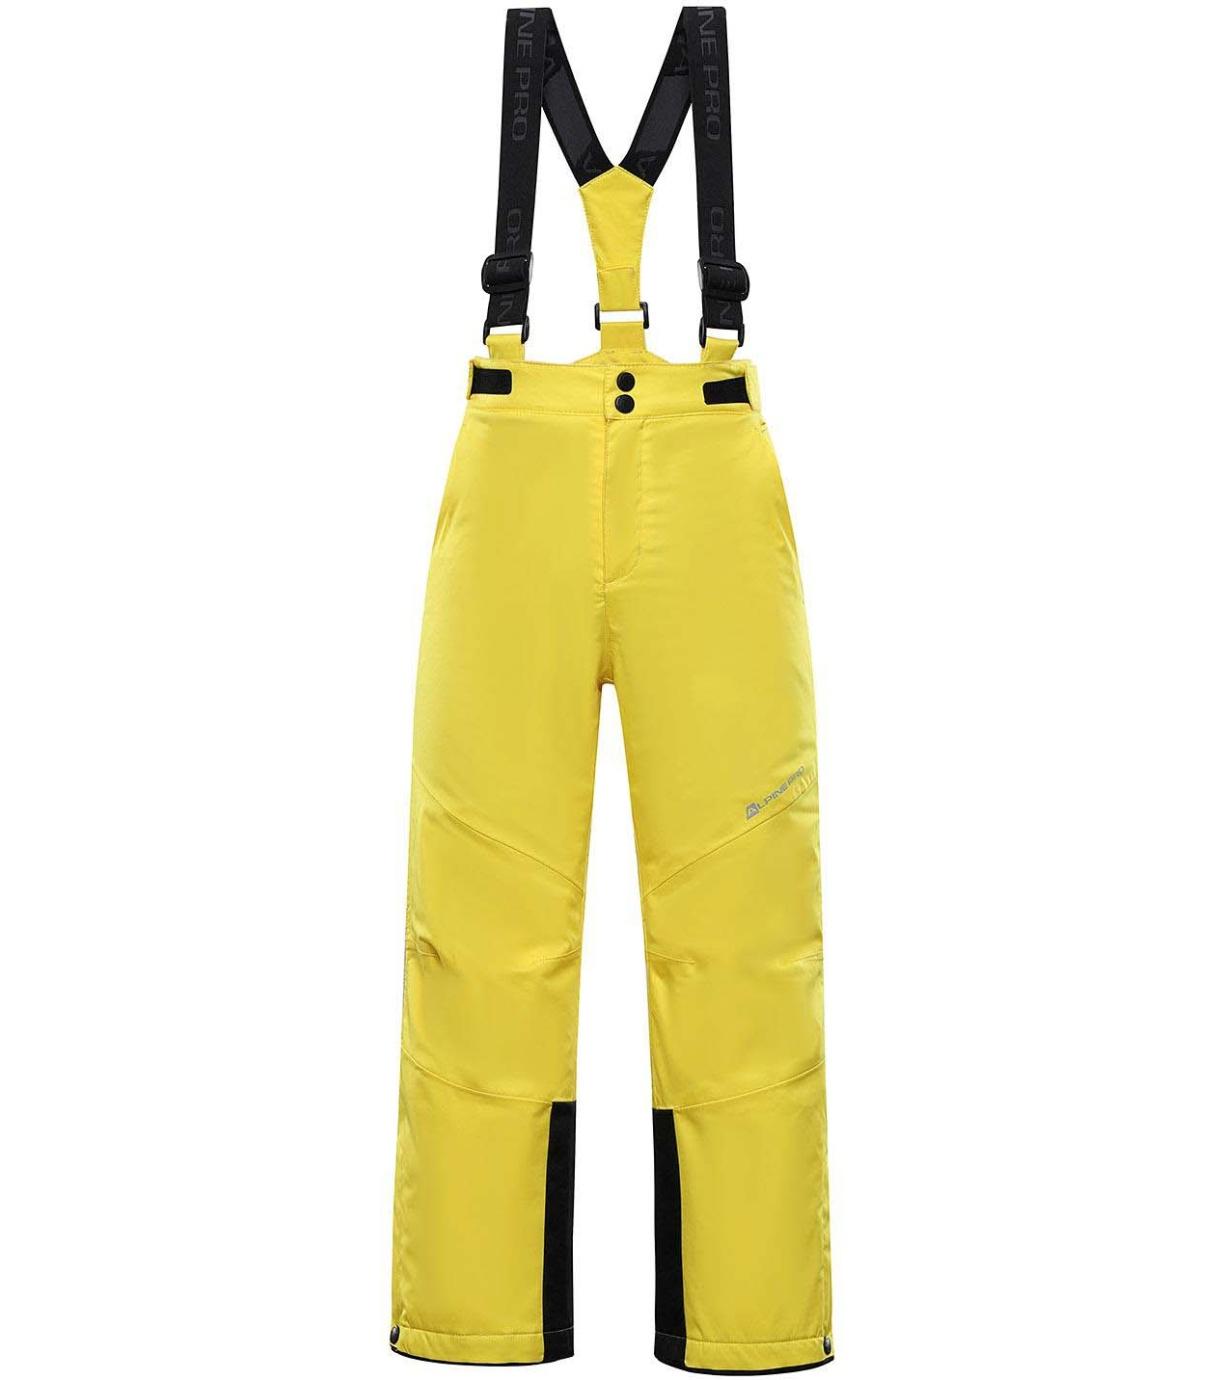 ALPINE PRO ANIKO 4 Dětské lyžařské kalhoty KPAS203224 sytě žlutá 128-134